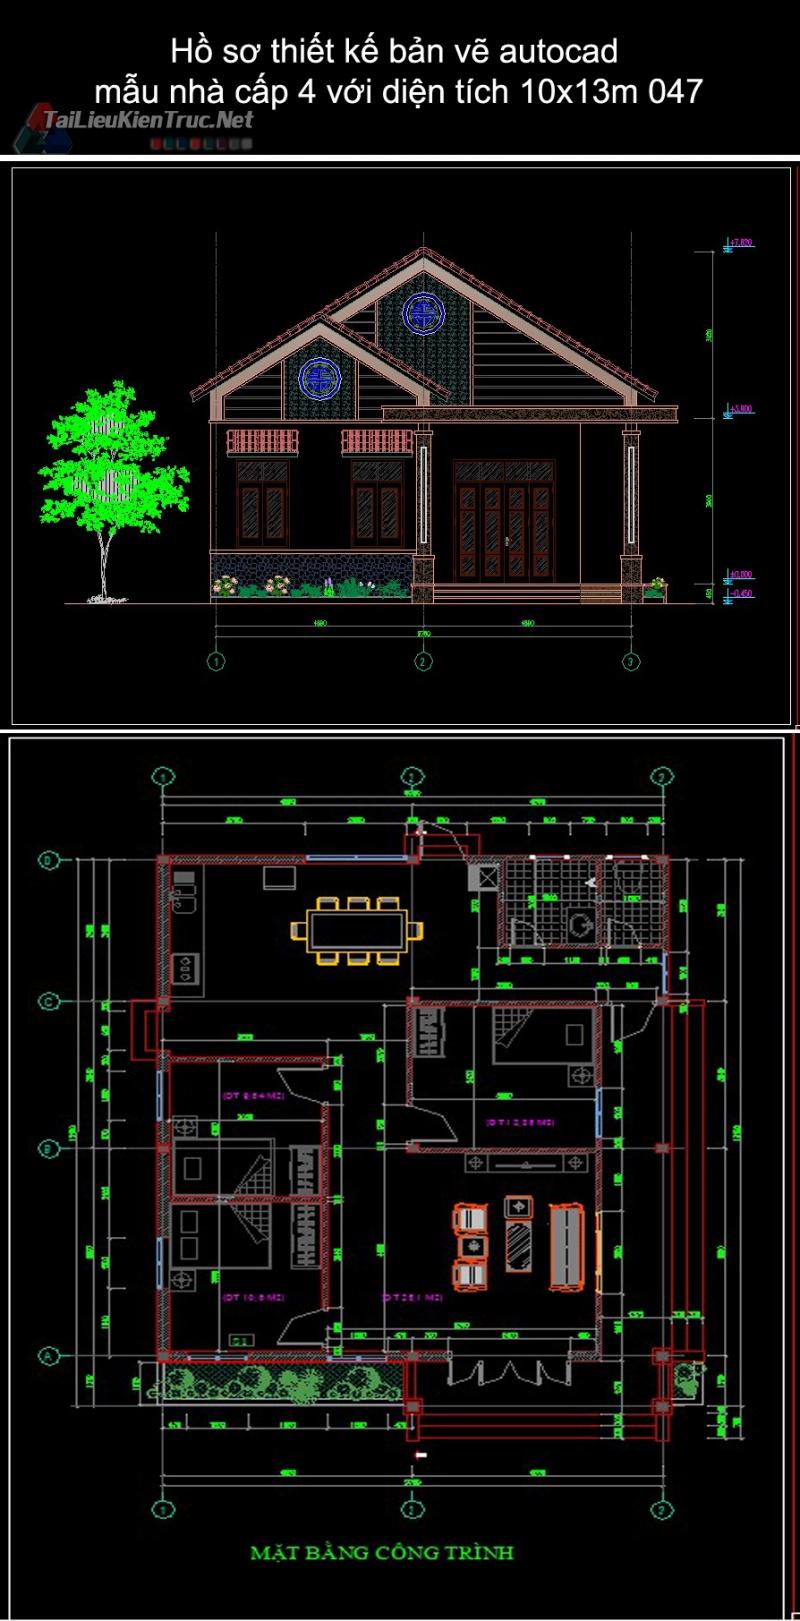 Hồ sơ thiết kế bản vẽ autocad mẫu nhà cấp 4 với diện tích 10x13m 047